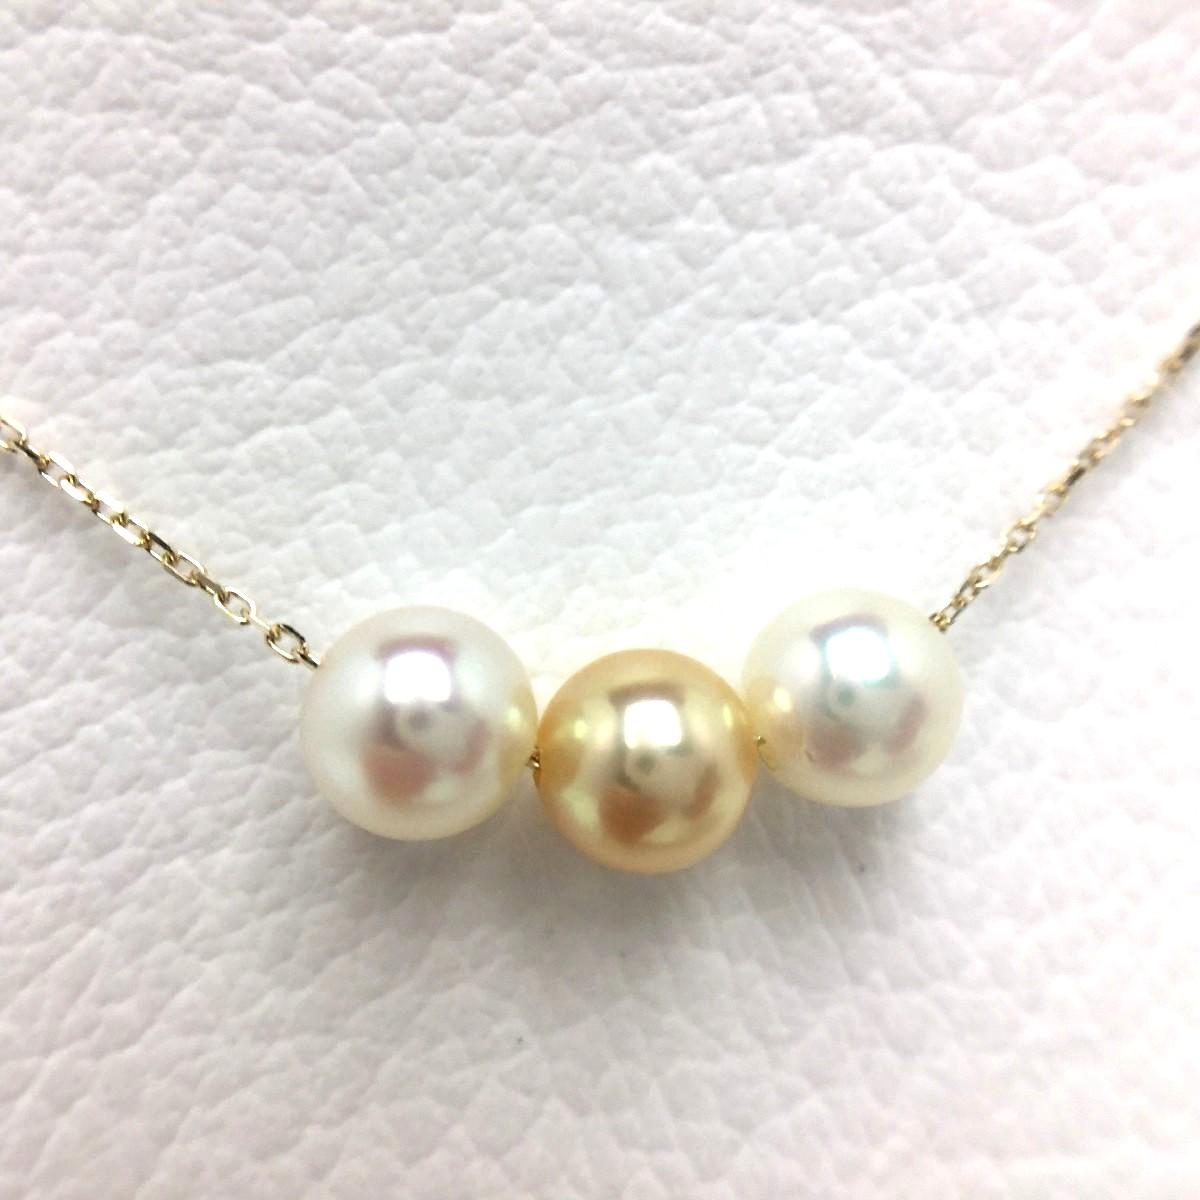 真珠 ペンダント パール アコヤ真珠 6.0-6.5mm マルチカラー K10 イエローゴールド チェーン 66024 イソワパール